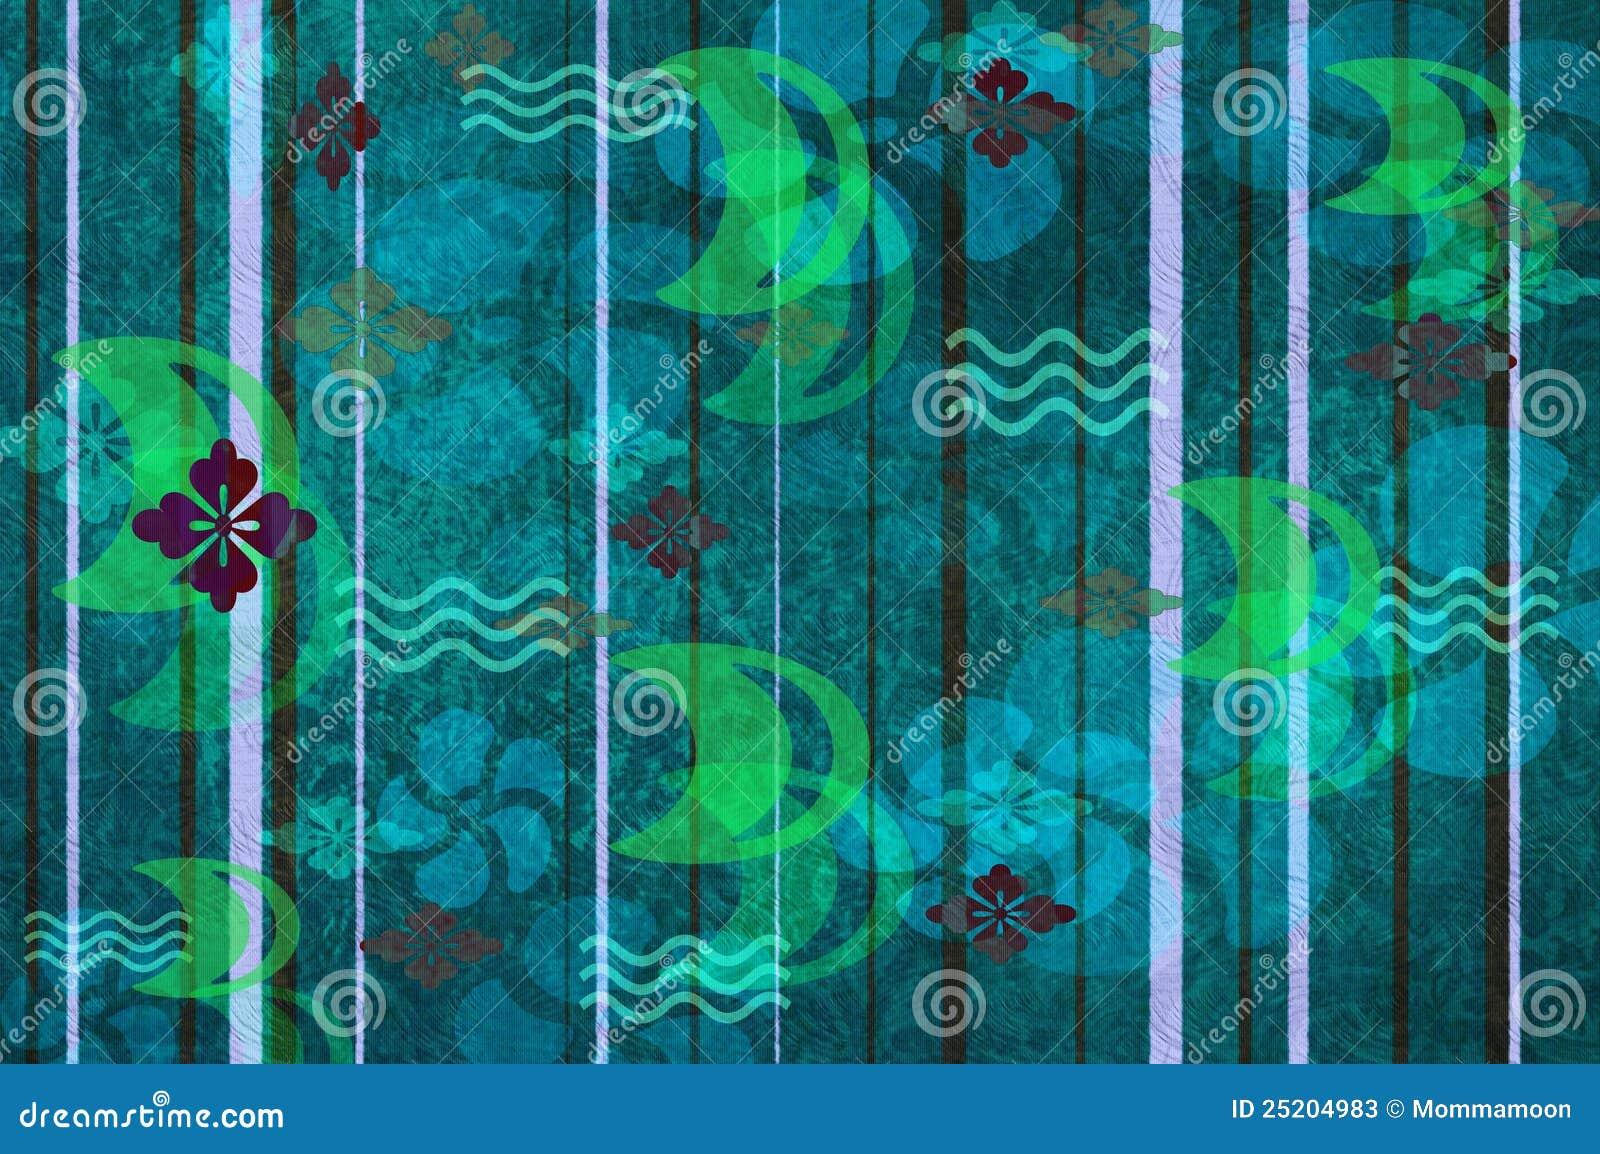 Carta da parati a righe verdi: carta da parati a righe mare d ...